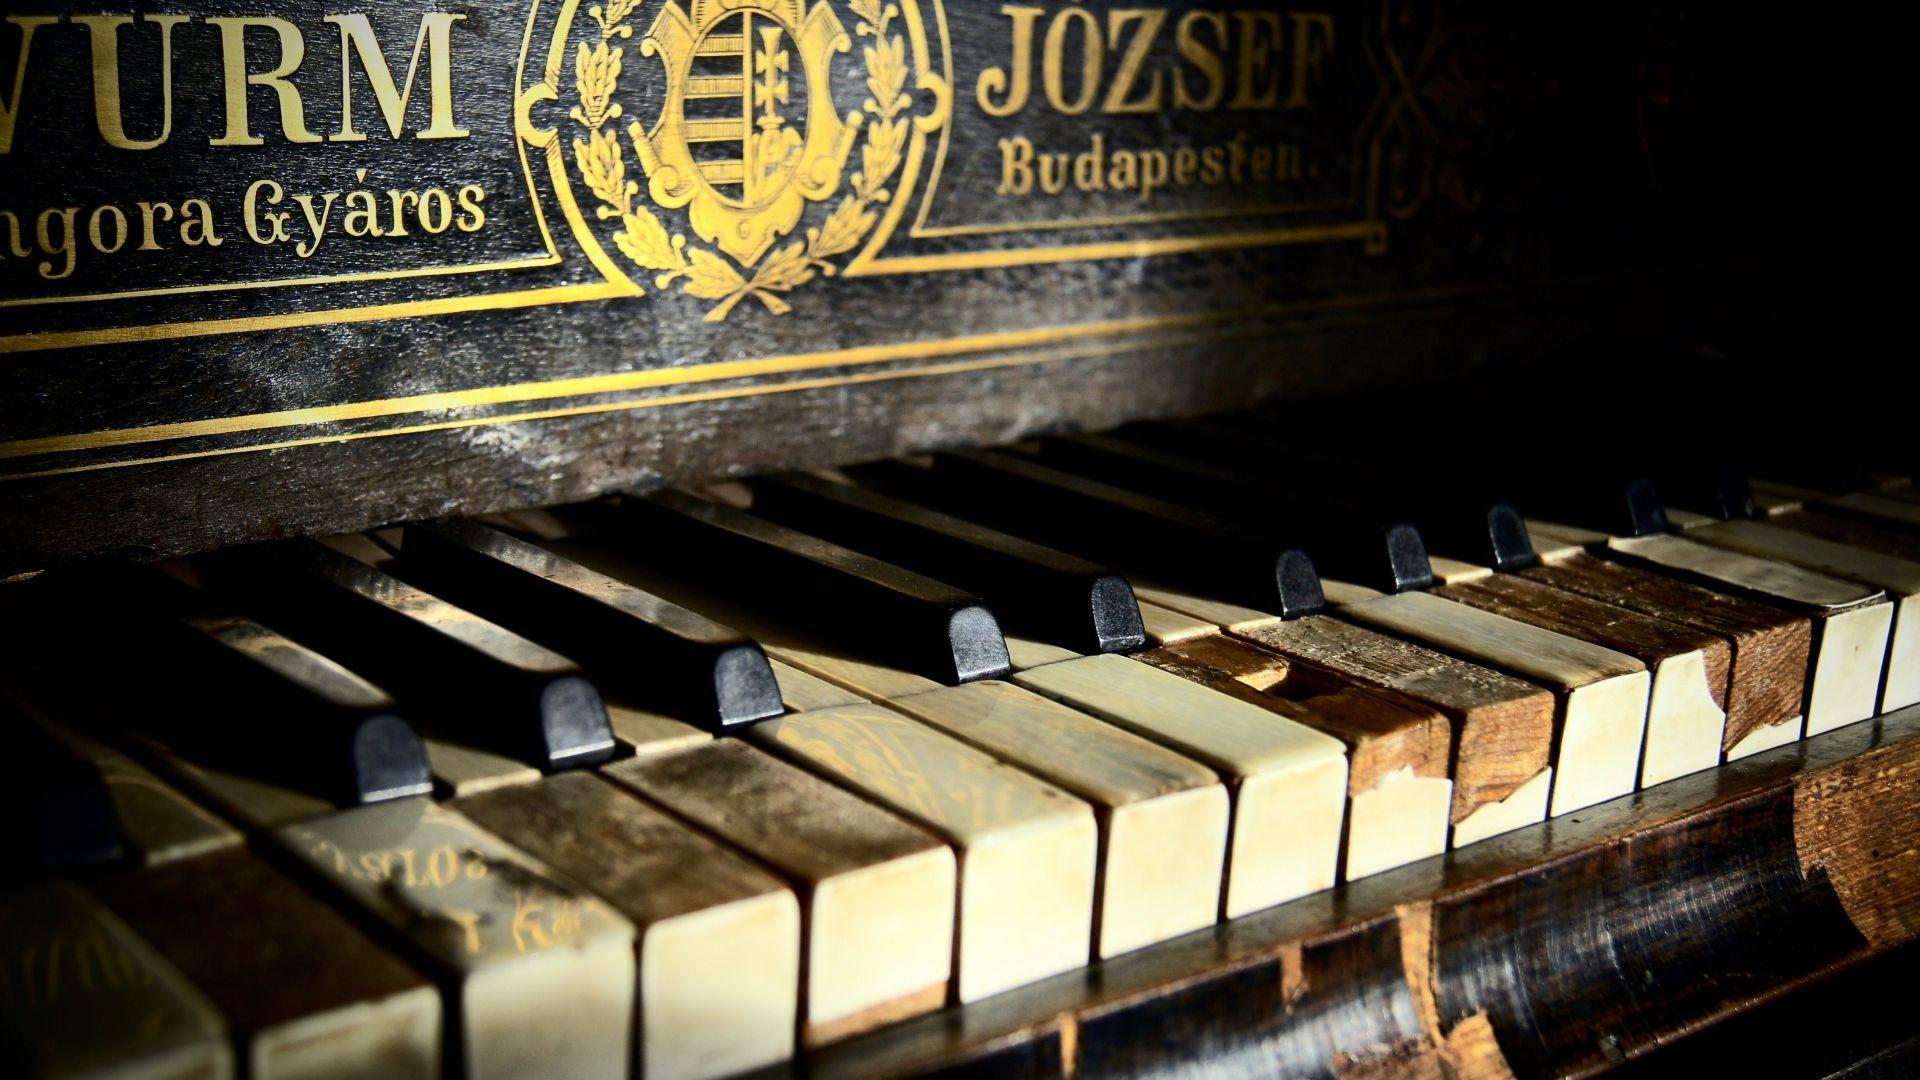 vieux piano fond ecran hd 10 000 fonds d 39 cran hd gratuits et de qualit wallpapers hd. Black Bedroom Furniture Sets. Home Design Ideas